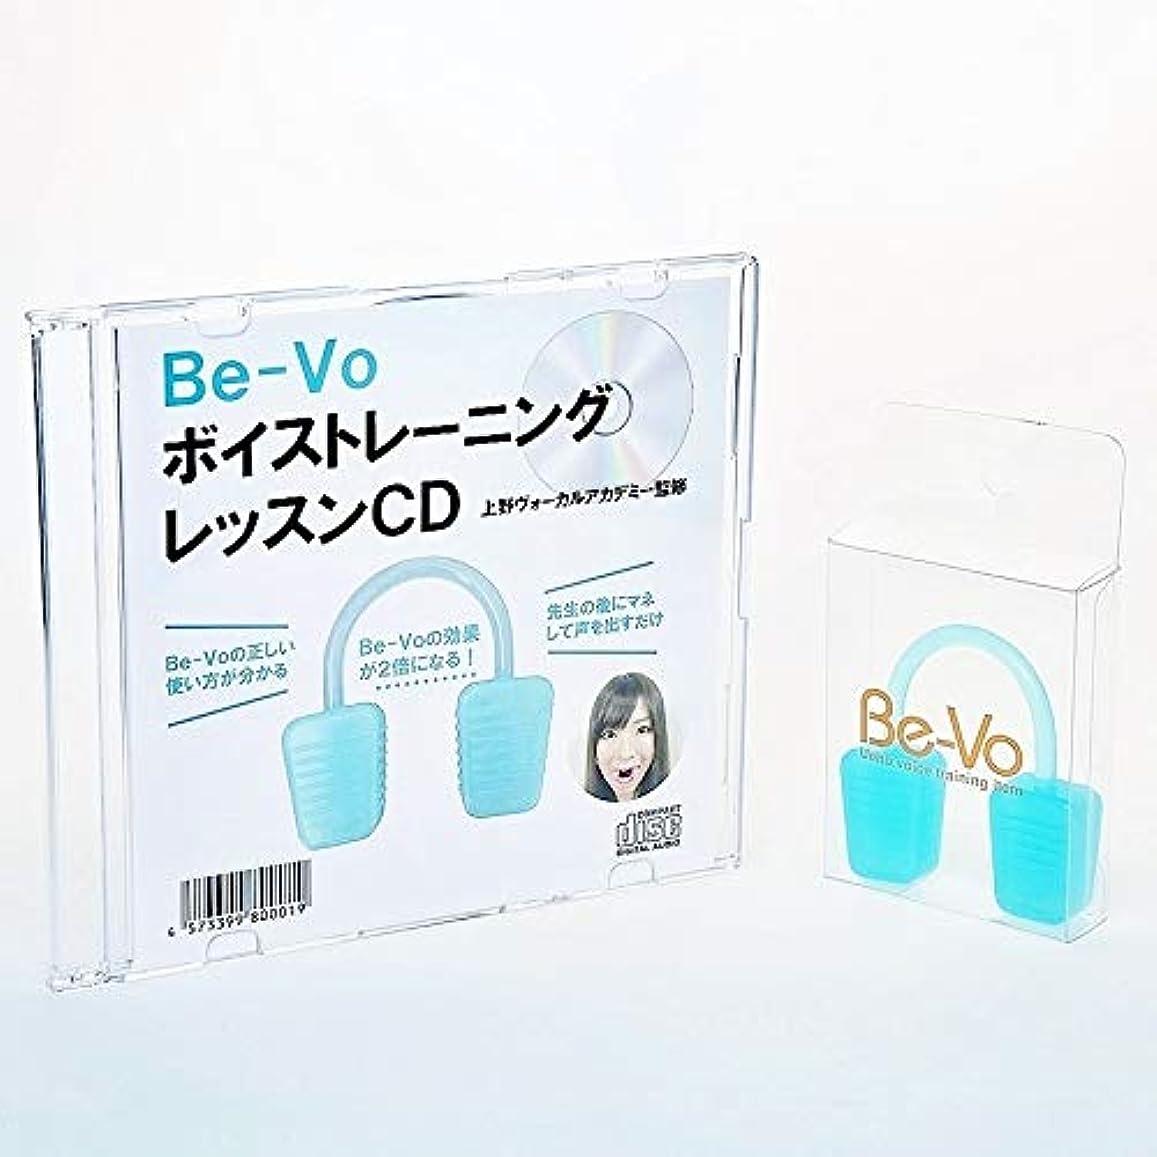 西部並外れて滑りやすいBe-Vo CD セット ブルー|ボイストレーニング器具Be-Vo(ビーボ)+Be-VoボイストレーニングレッスンCD2点セット